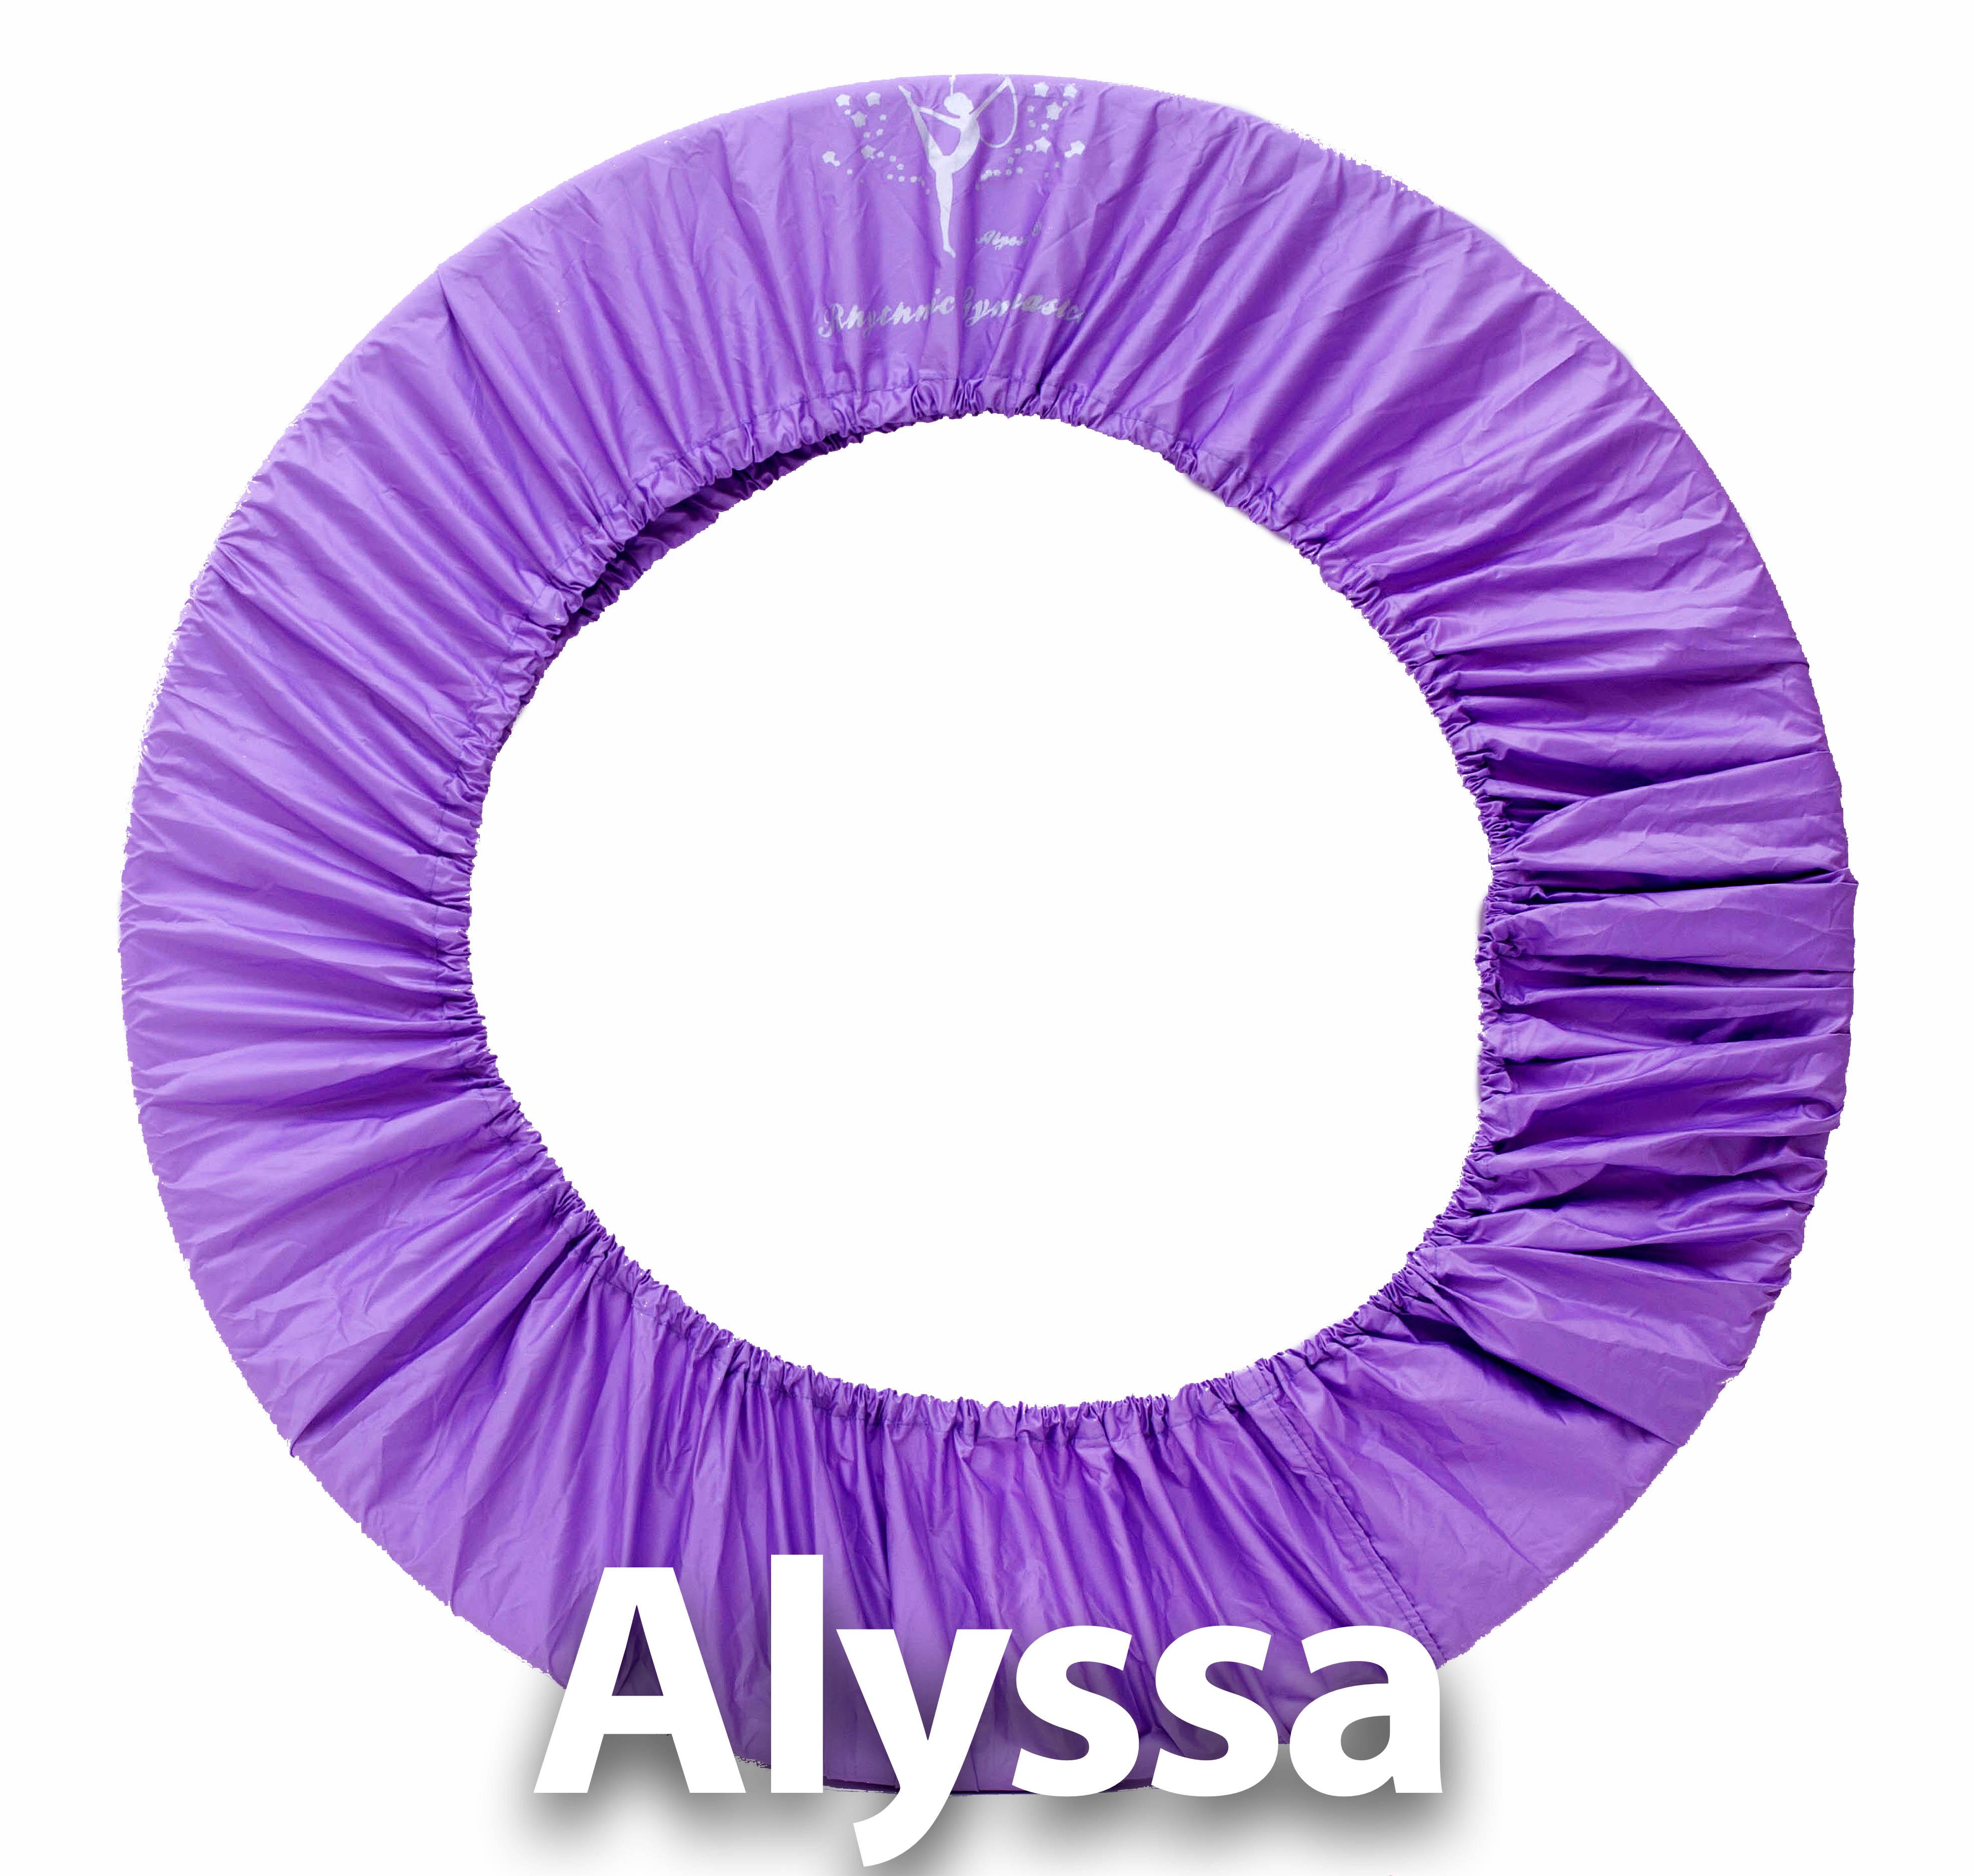 Alyssa искусство гимнастика круг защитный кожух - светло-фиолетовый цвет ( размер 60-90cm)* новый *